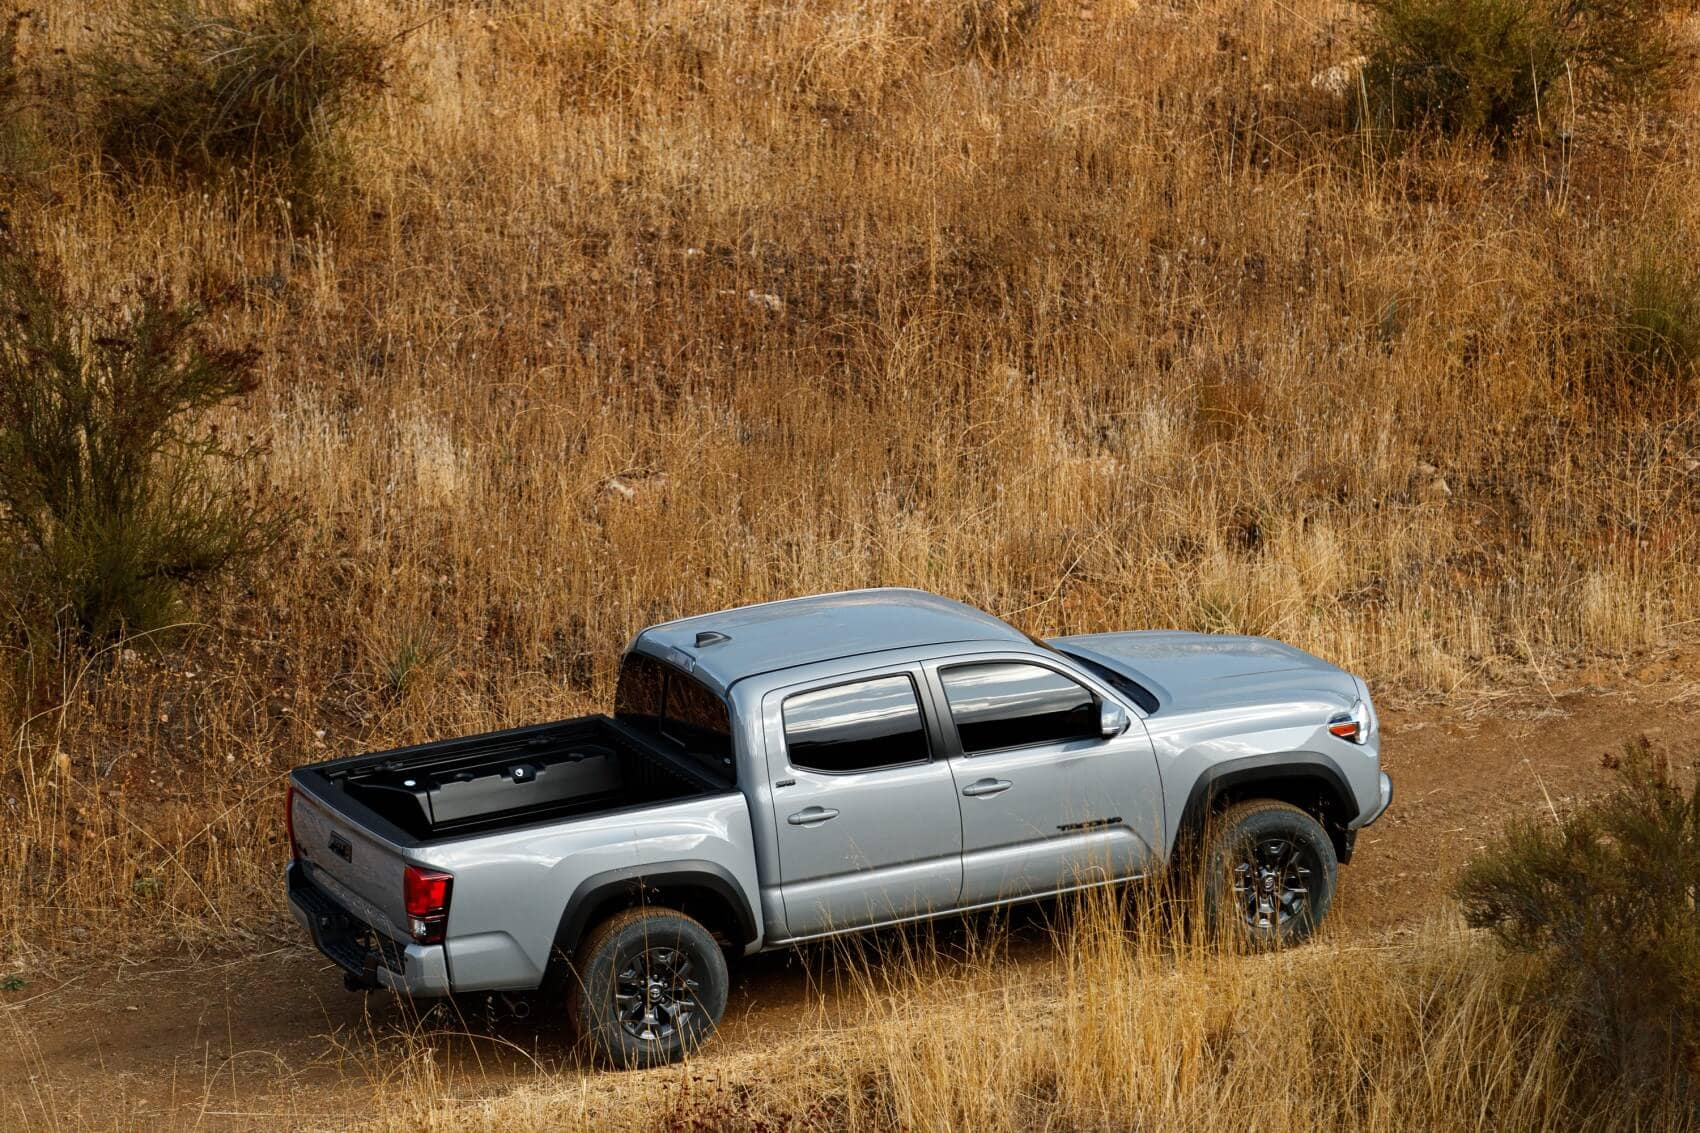 Toyota Tacoma for Sale near Trevose PA